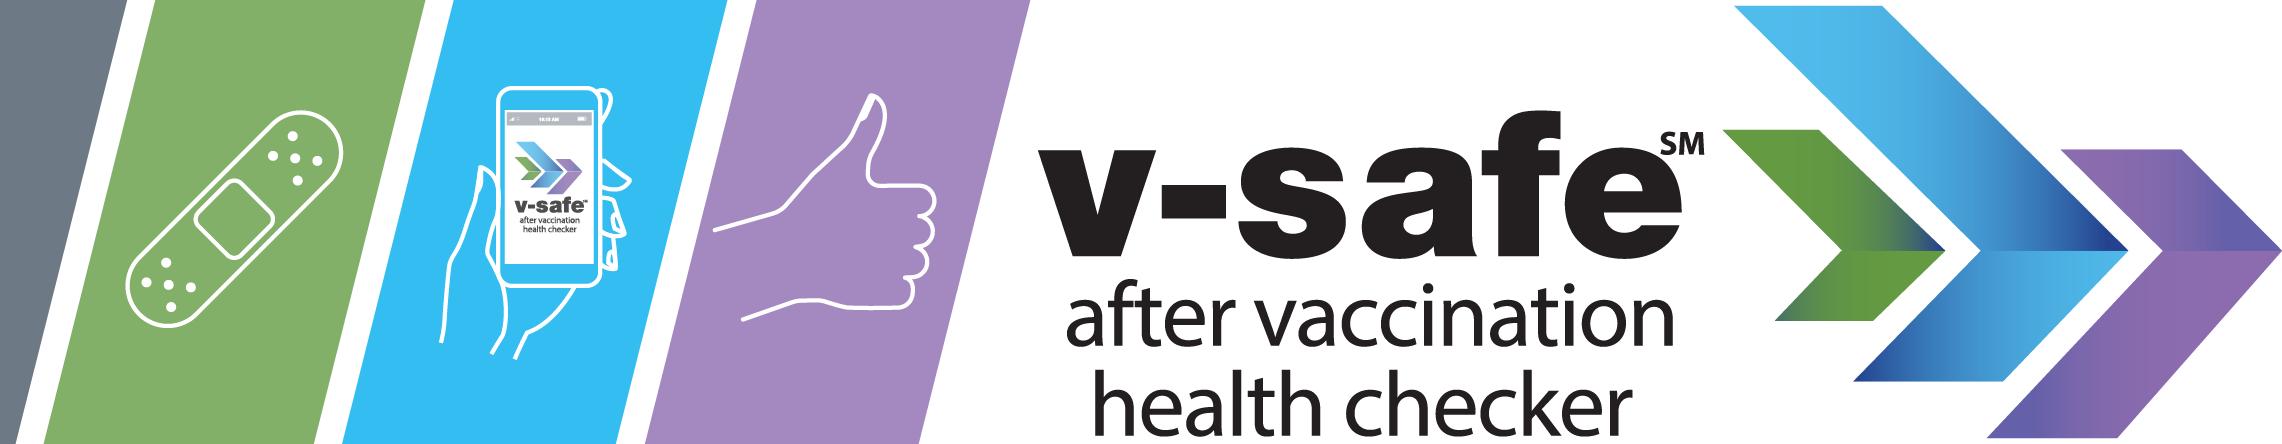 v-safe-web-mobile-header-01-@2x